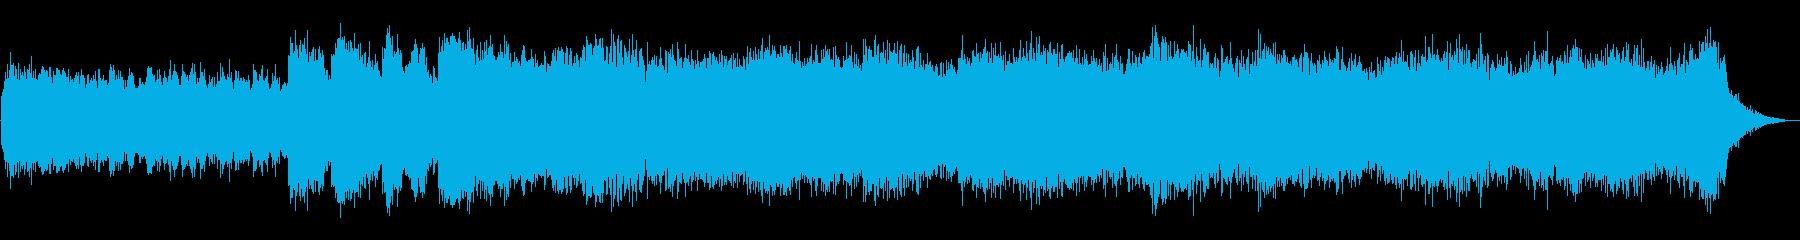 電気音響シンフォニー 神経質 ファ...の再生済みの波形